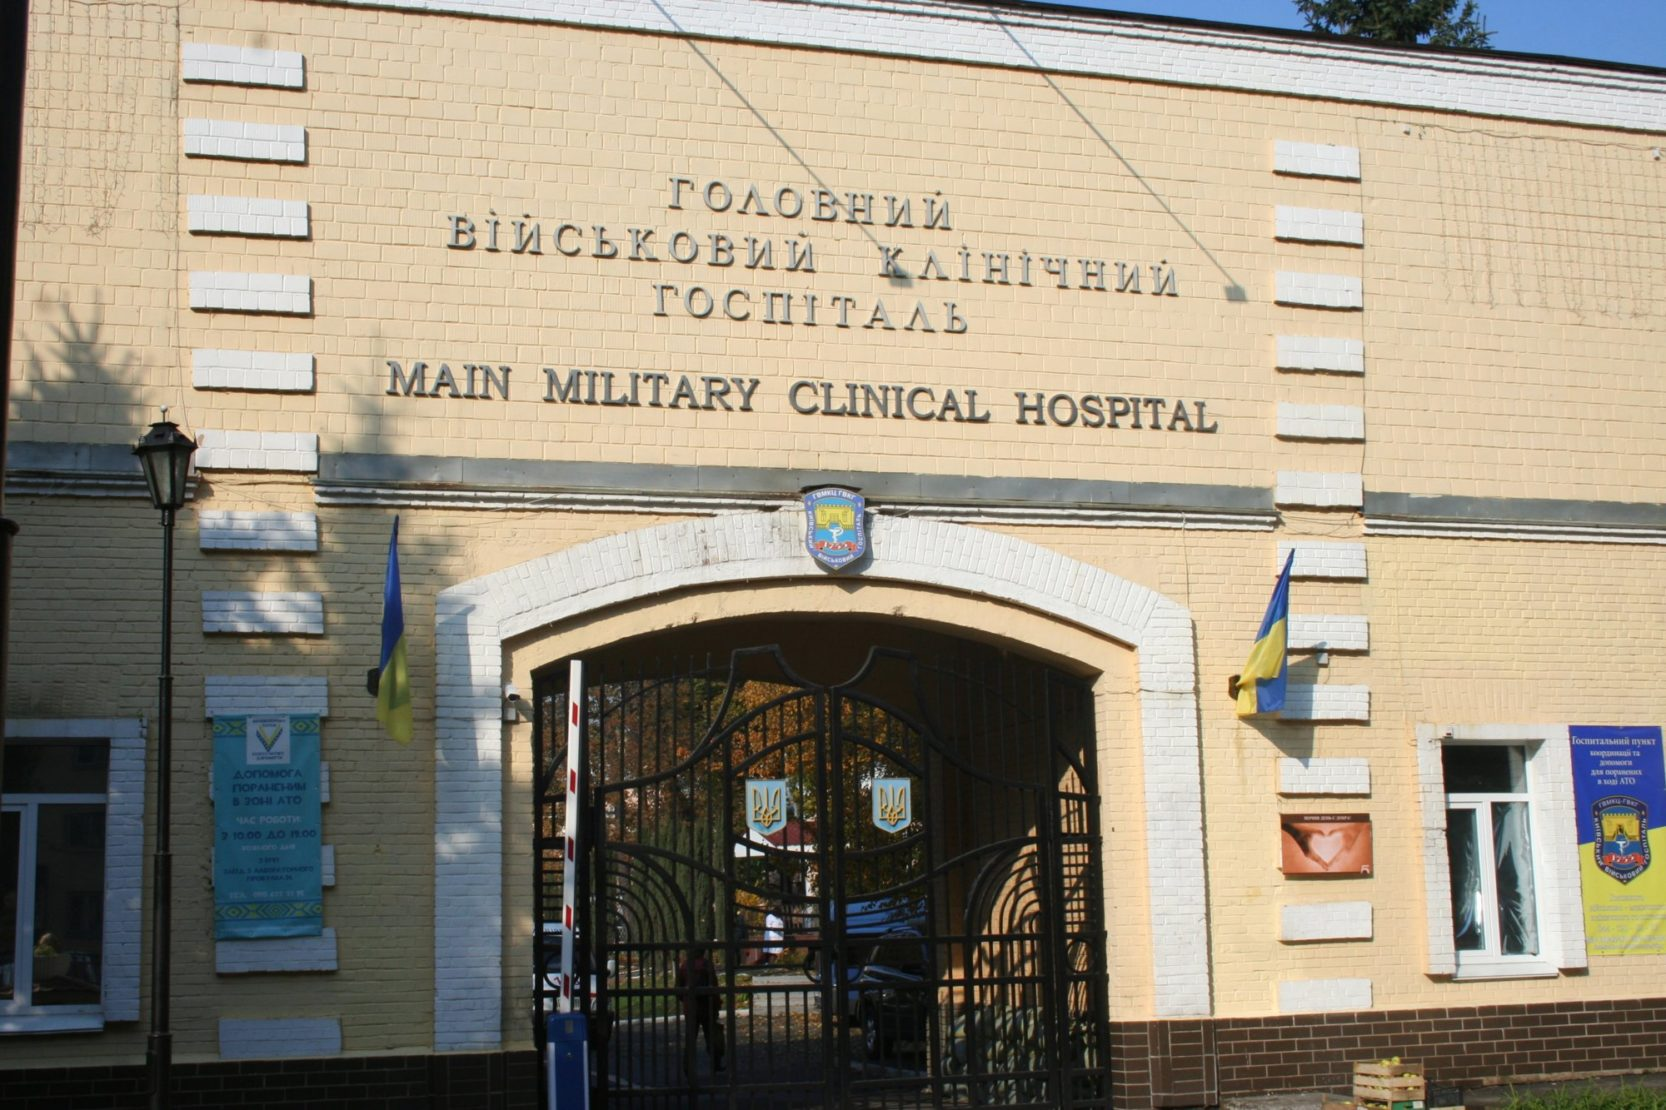 Київському військовому госпіталю 265 років